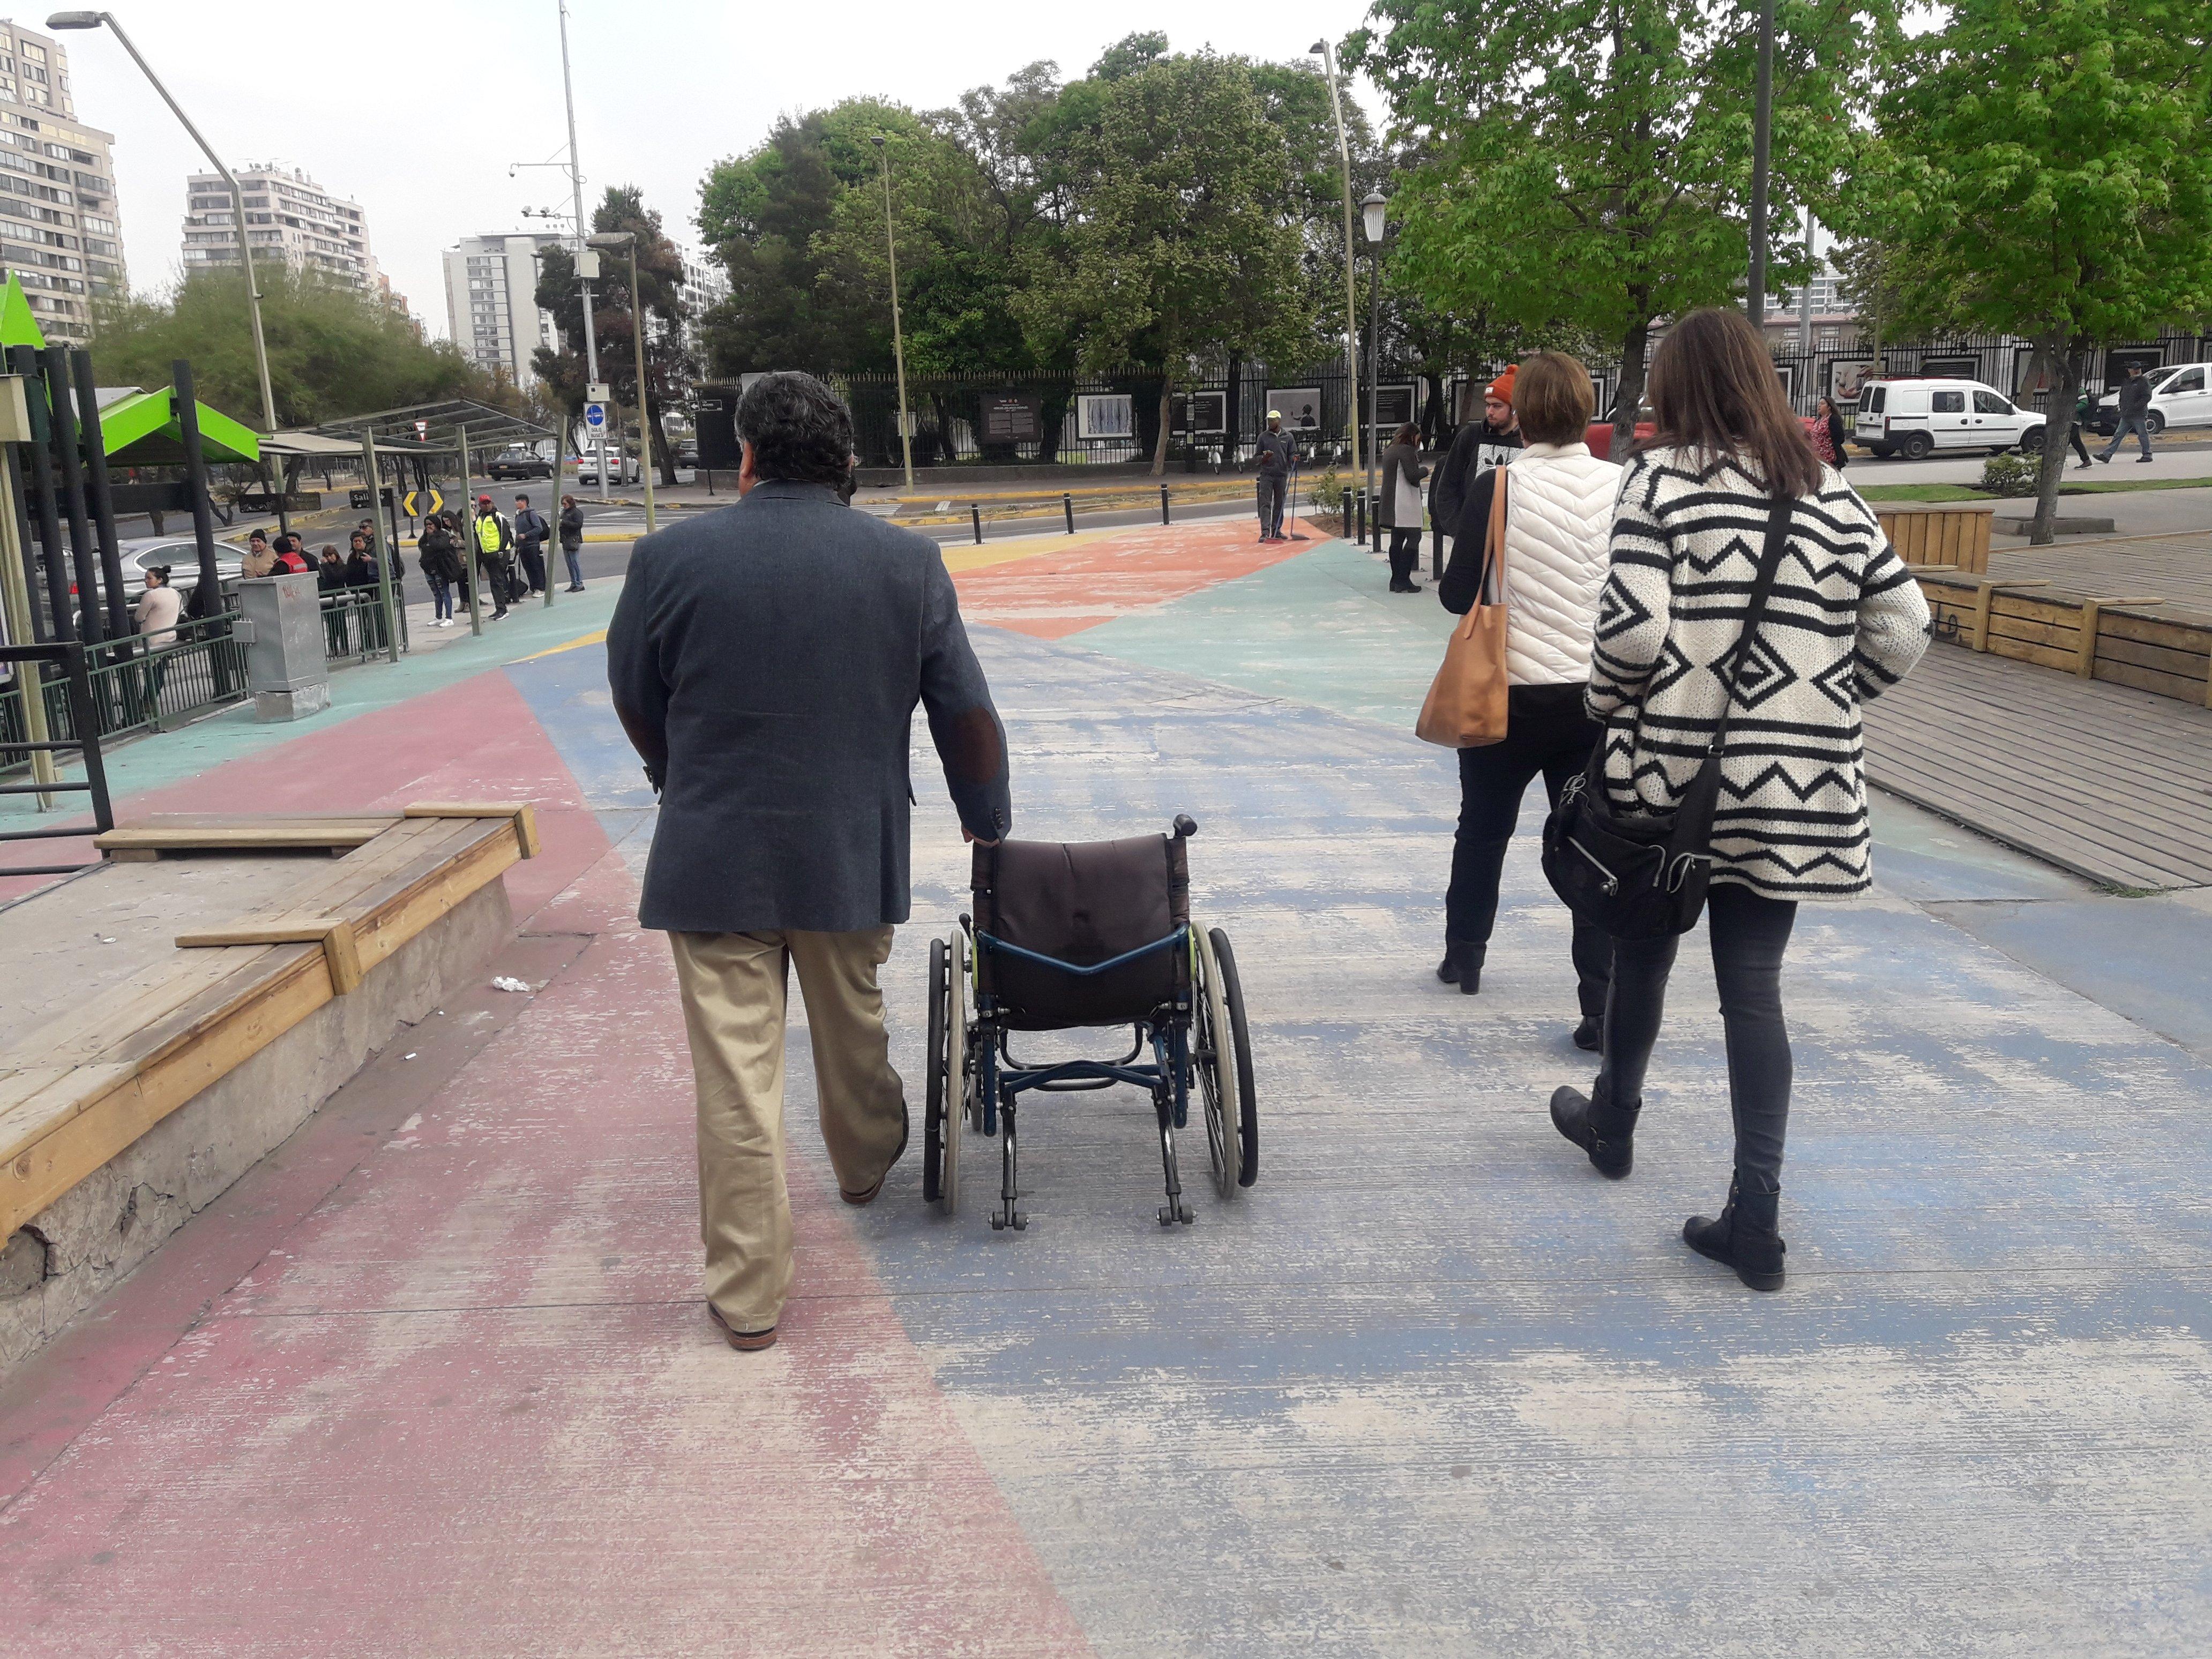 arquitecta claudia riquelme y directora de ciudad accesible en visita a terreno en calle Apoquindo junto a Miguel Latapiat de la municipalidad de las condes llevando una silla de ruedas